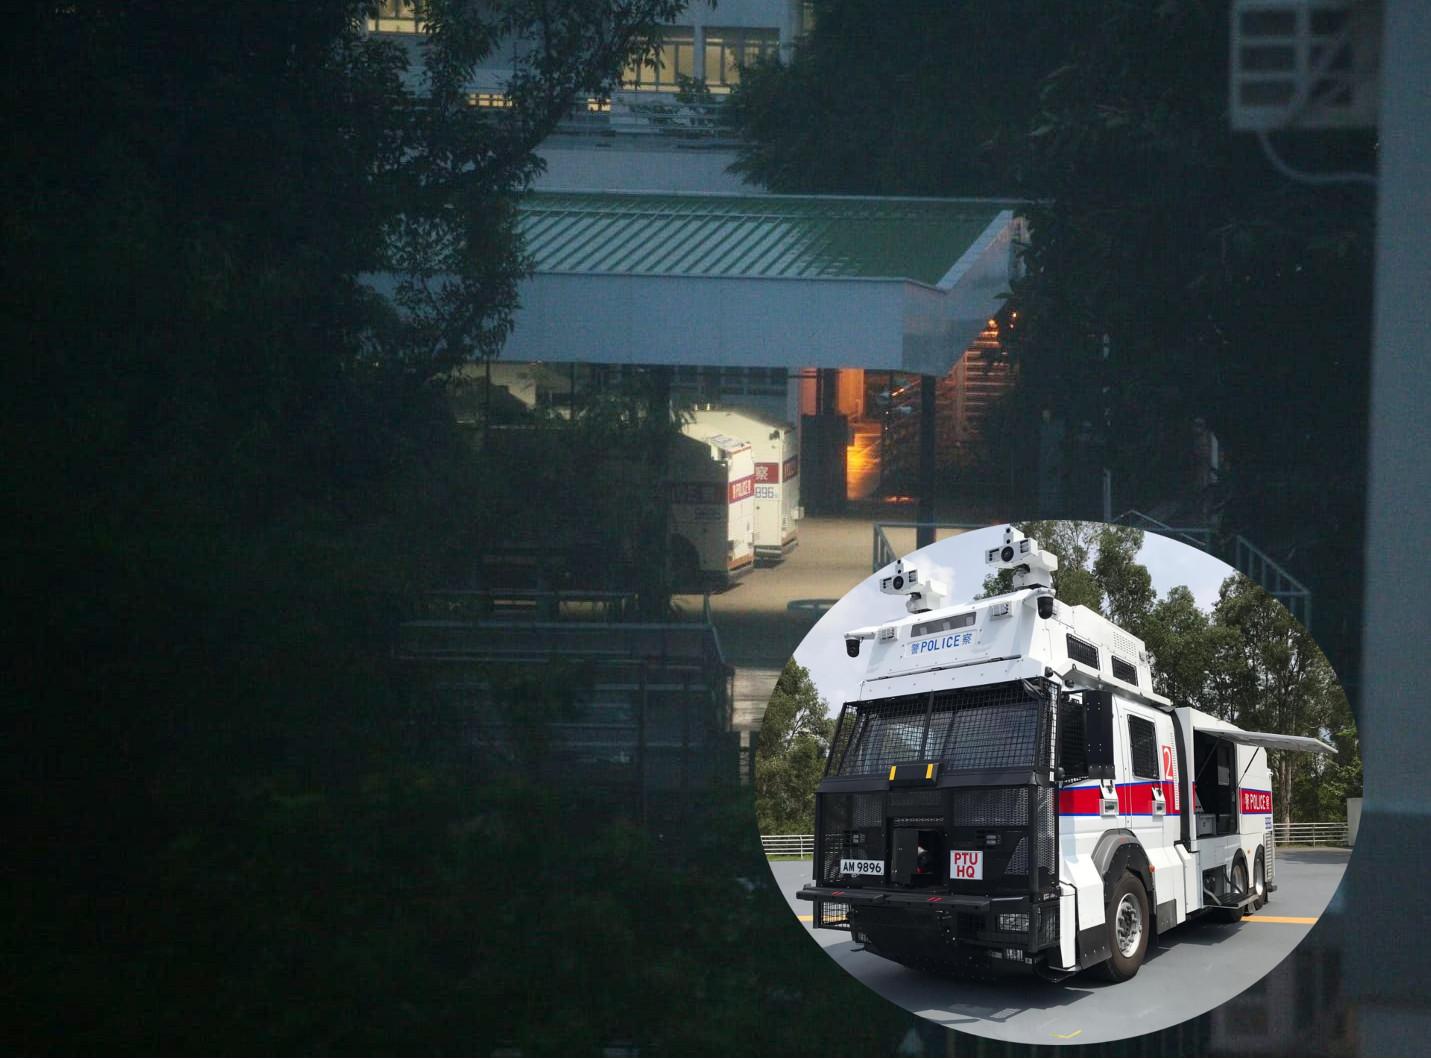 警方兩輛水炮車昨日停泊在黃竹坑警察訓練學校內候命。資料圖片